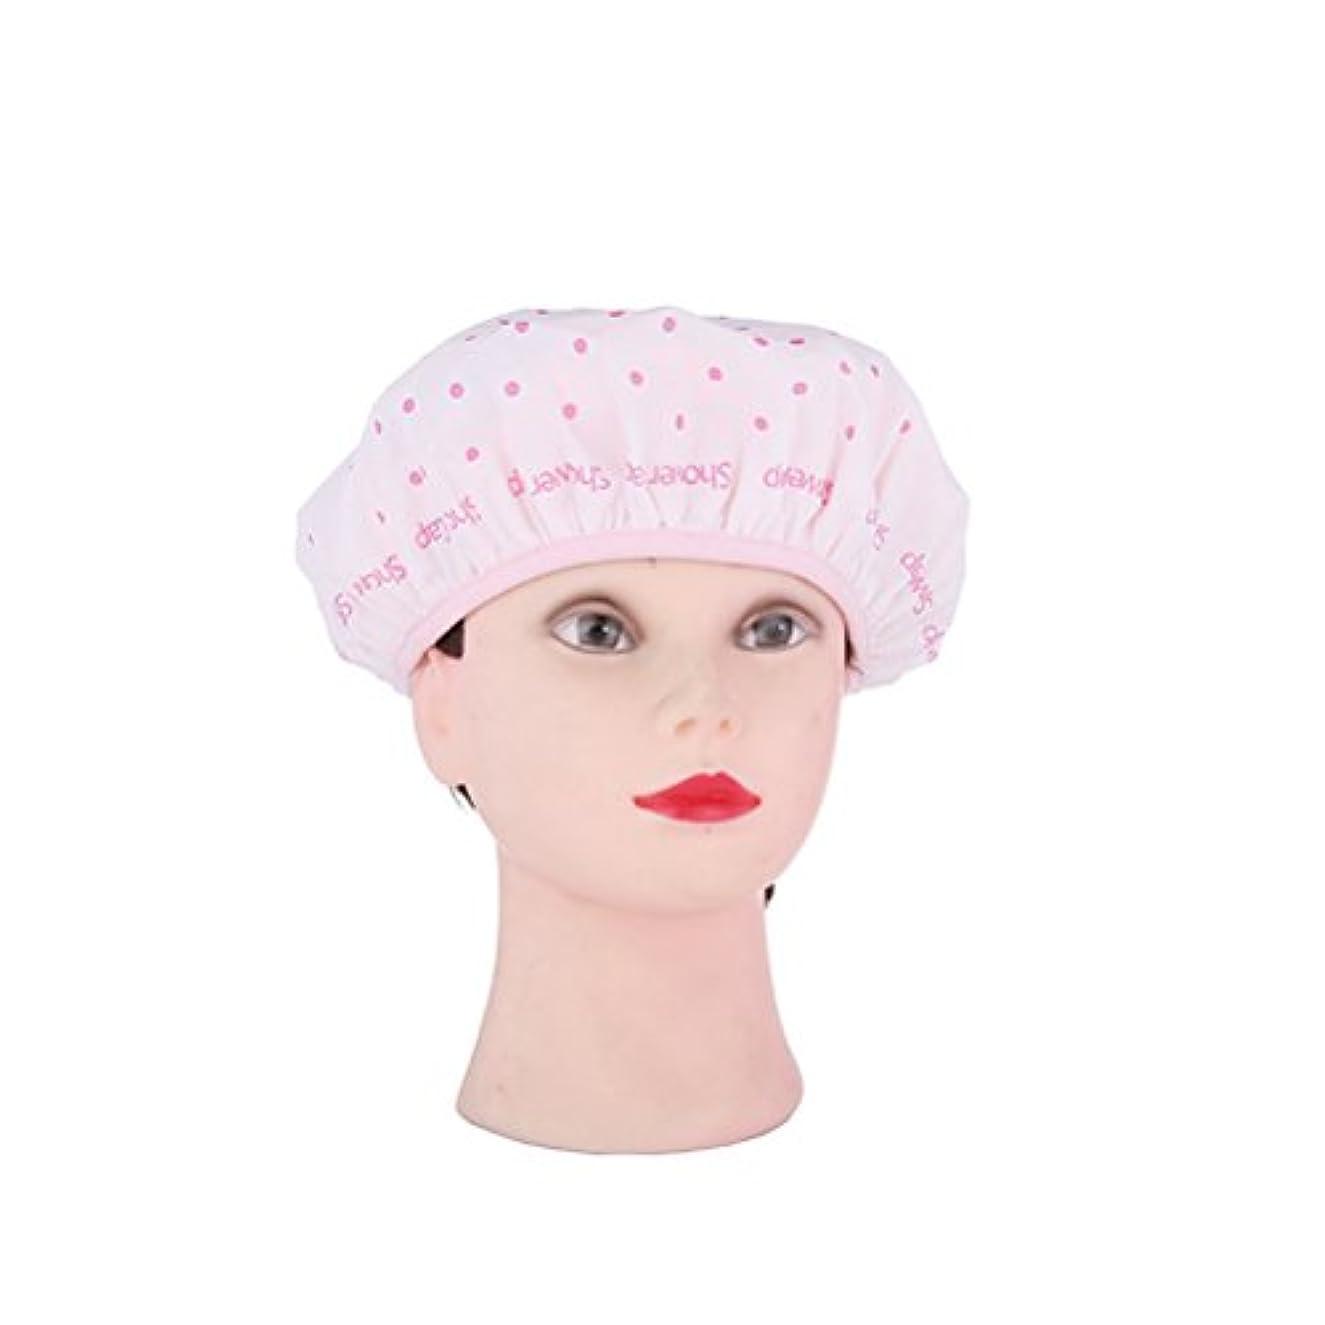 繊毛それにもかかわらず理由ROSENICE シャワーキャップ防水性モールド抵抗性の洗えるシャワーキャップかわいいやわらかい髪の帽子(ピンク)